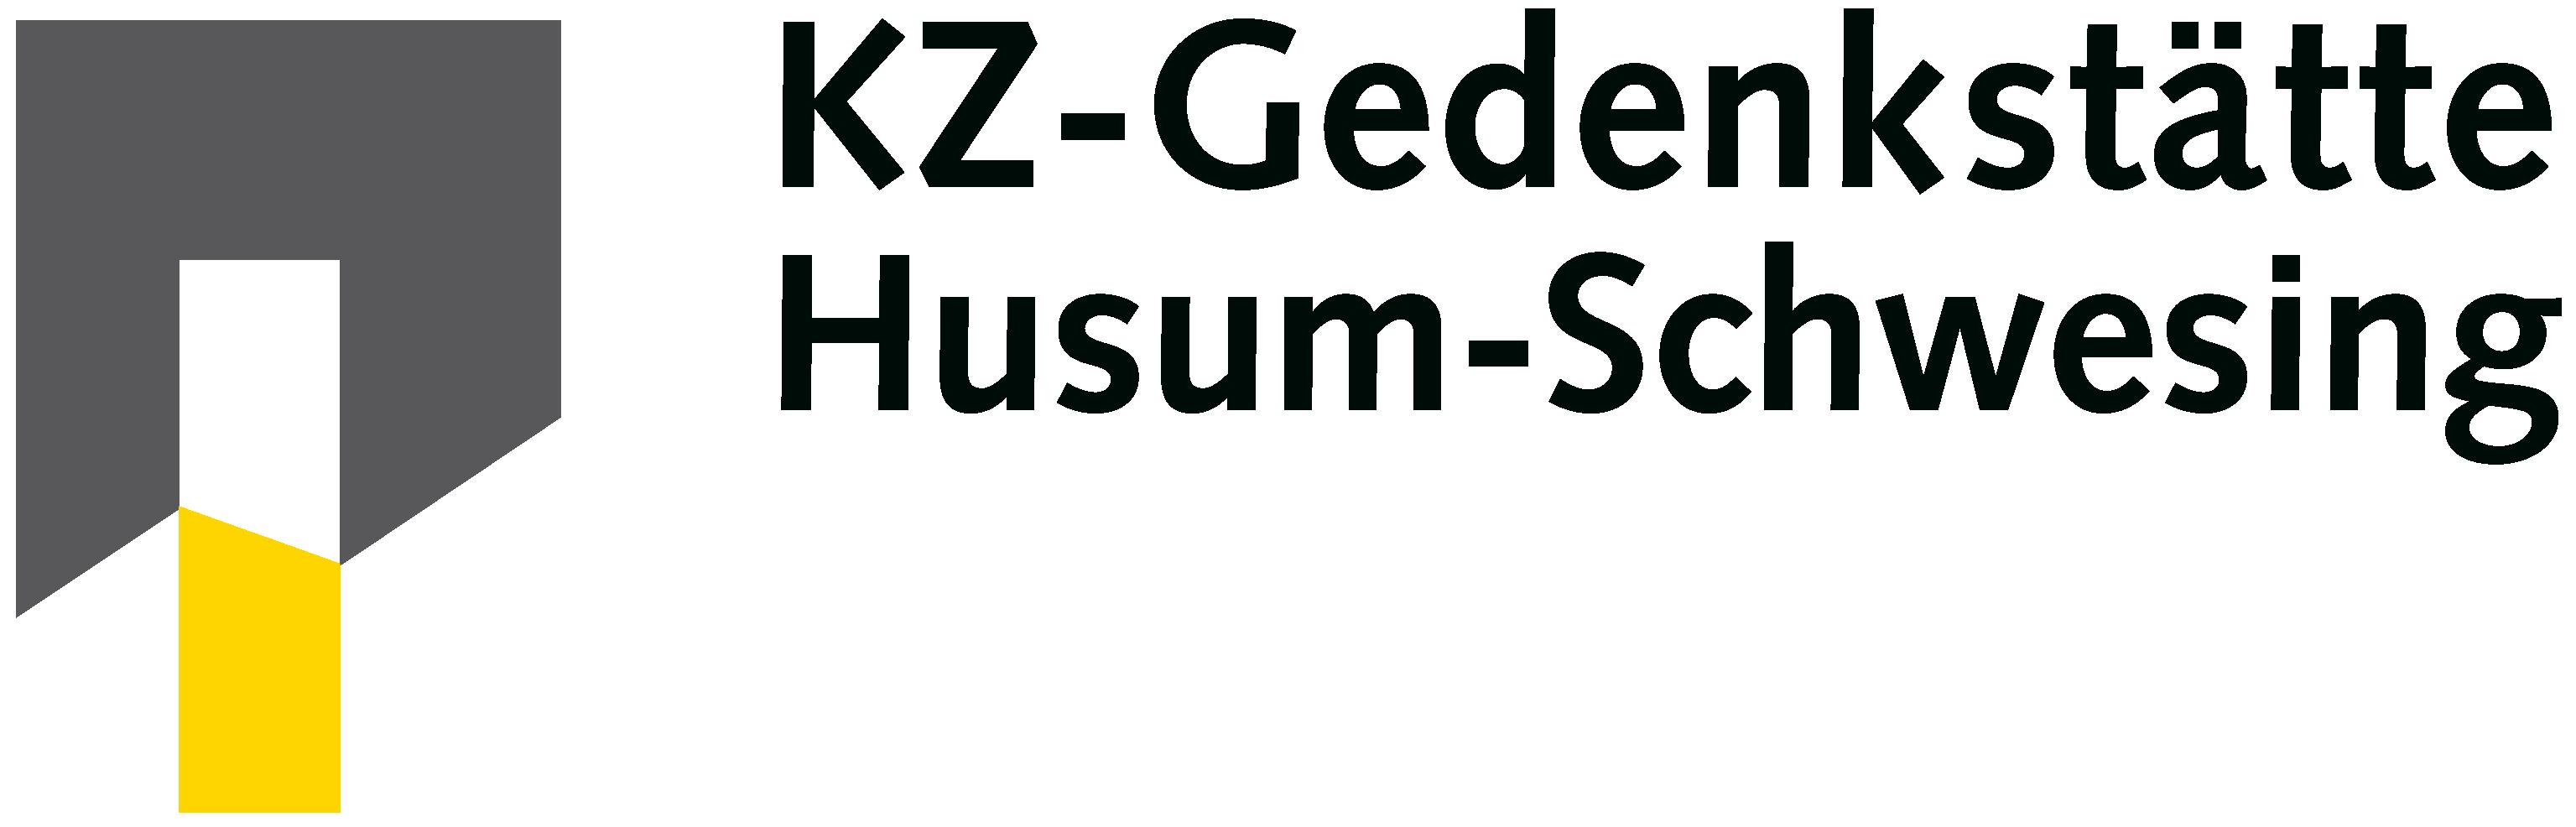 KZ-Gedenkstätte Husum-Schwesing